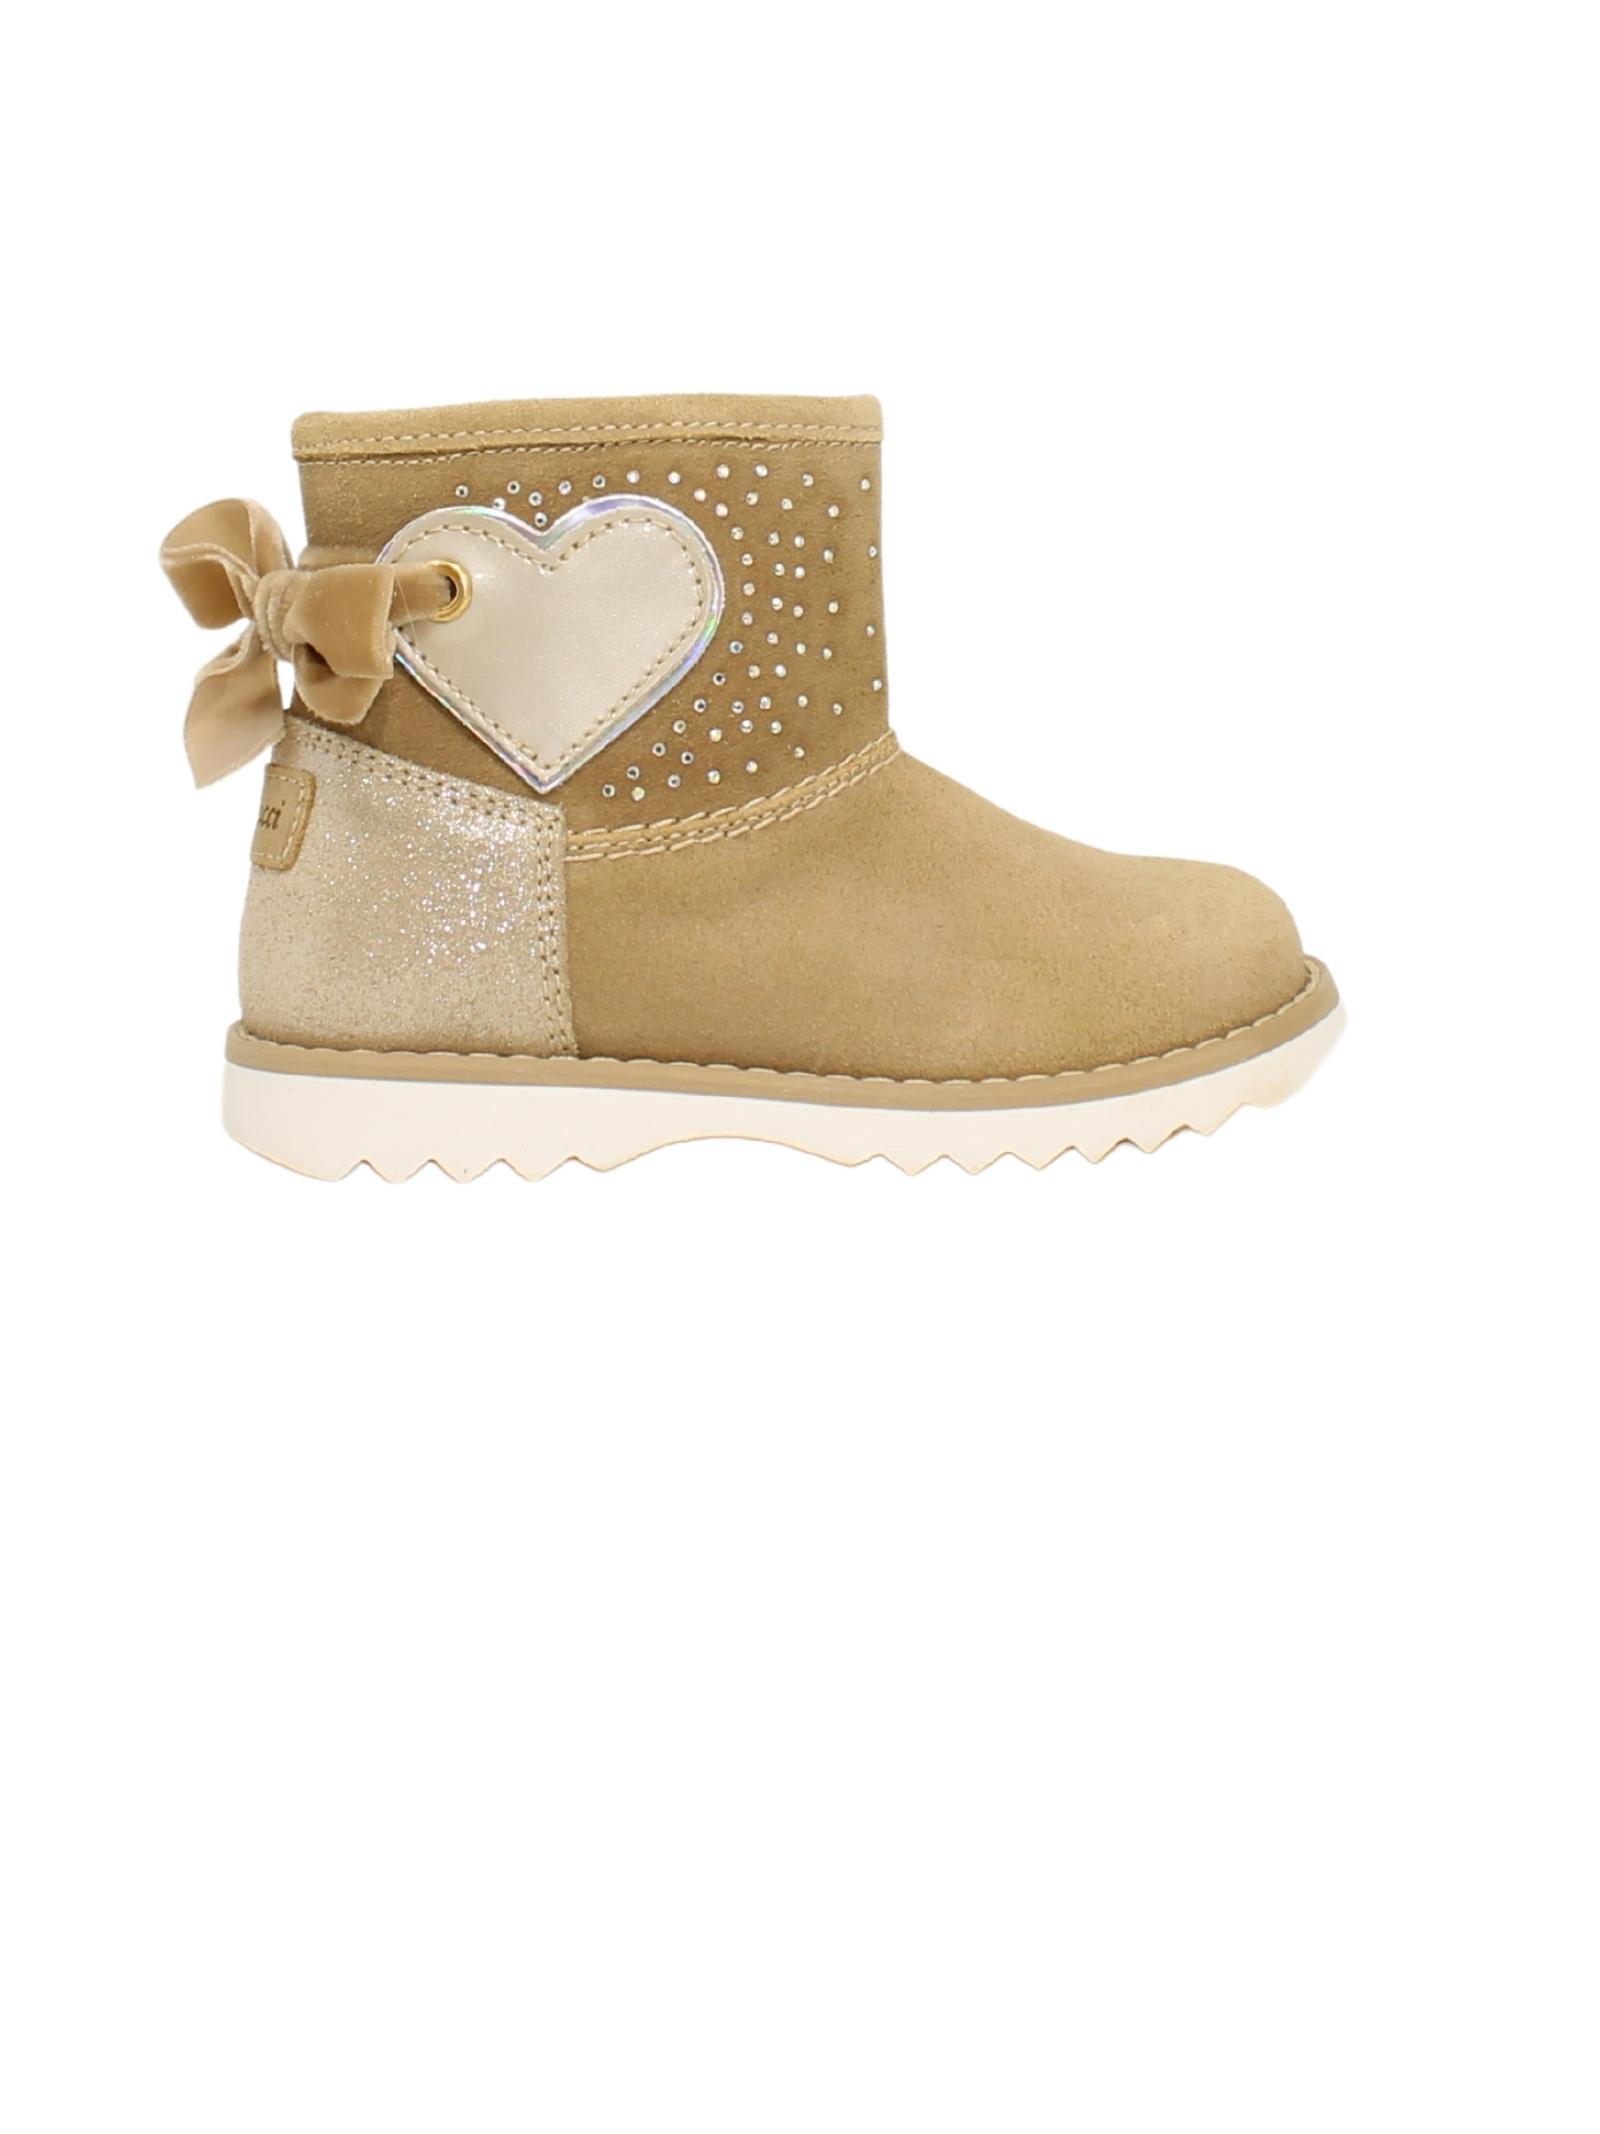 Camel Heart Girls boots BALDUCCI |  | MAT2222ACAMMELLO